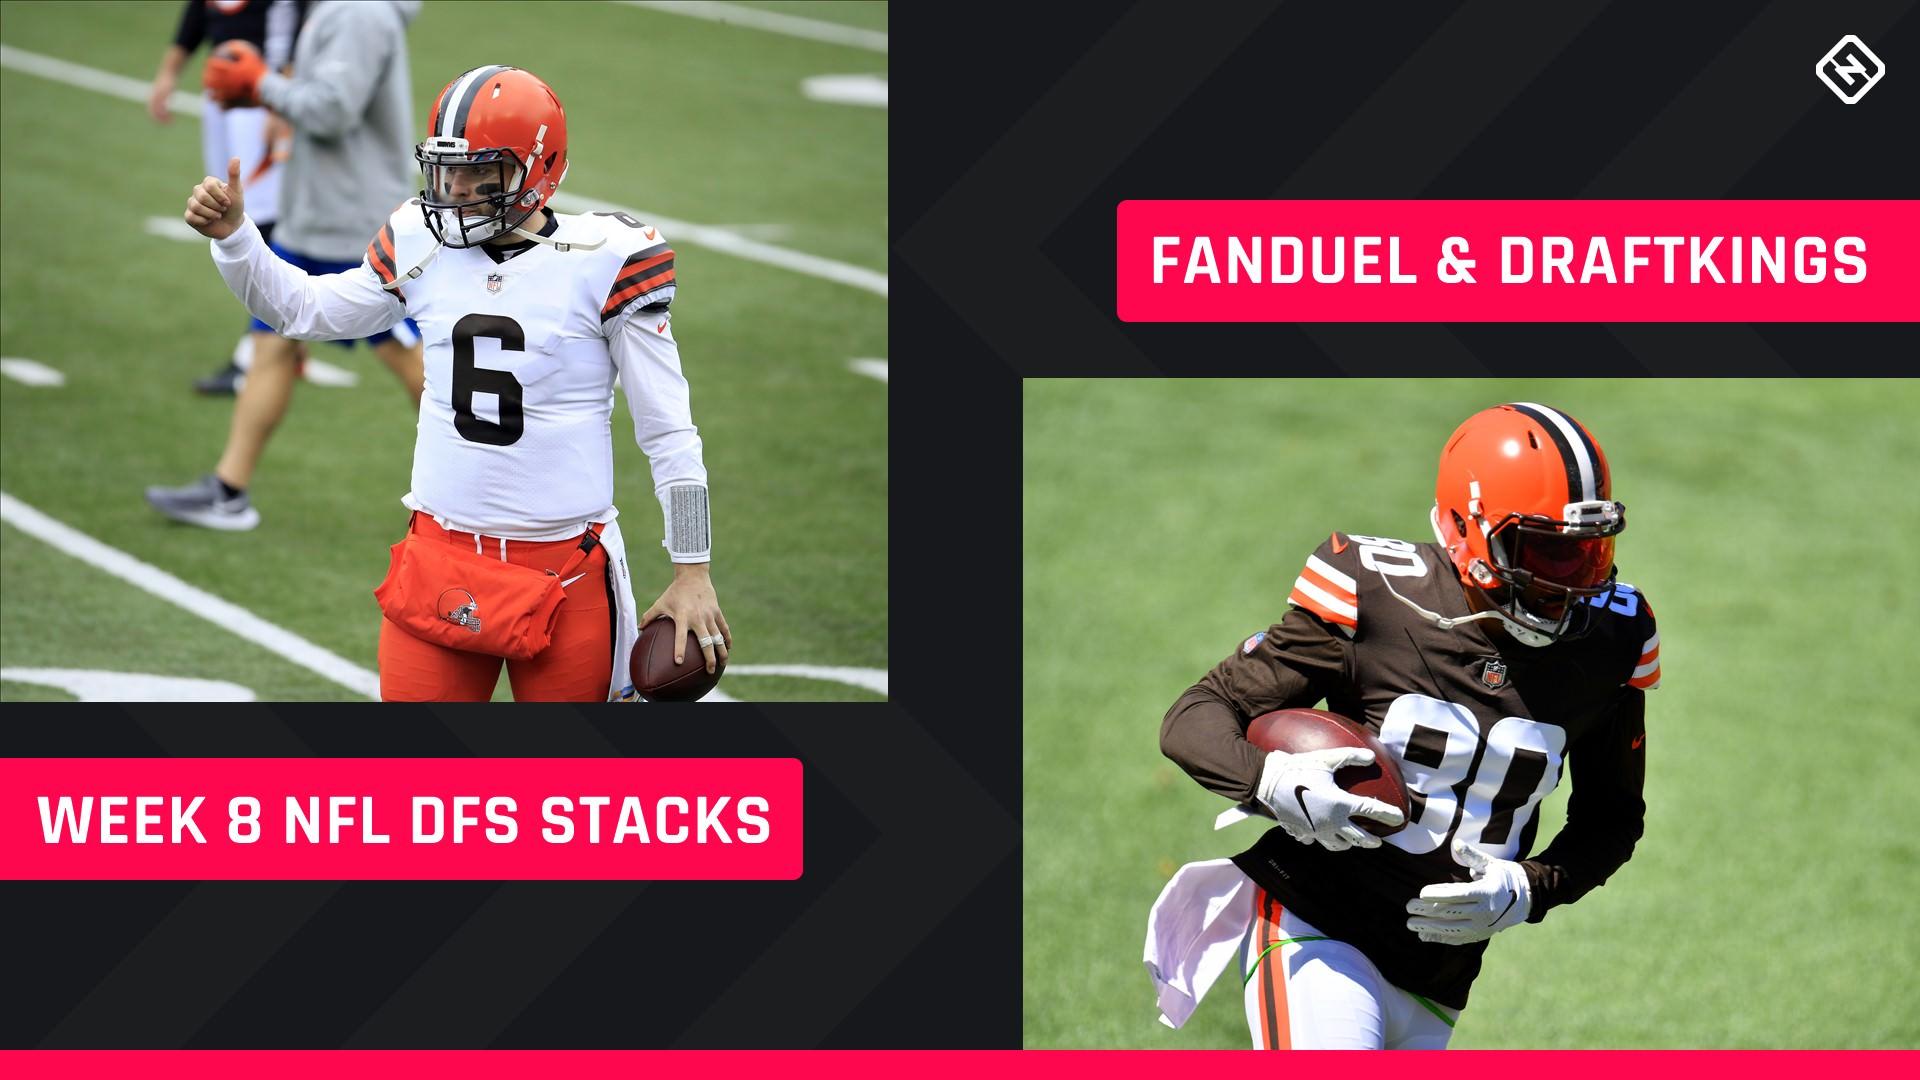 Semana 8 NFL DFS Stacks: melhores escolhas de lineup para DraftKings, torneios FanDuel, jogos a dinheiro